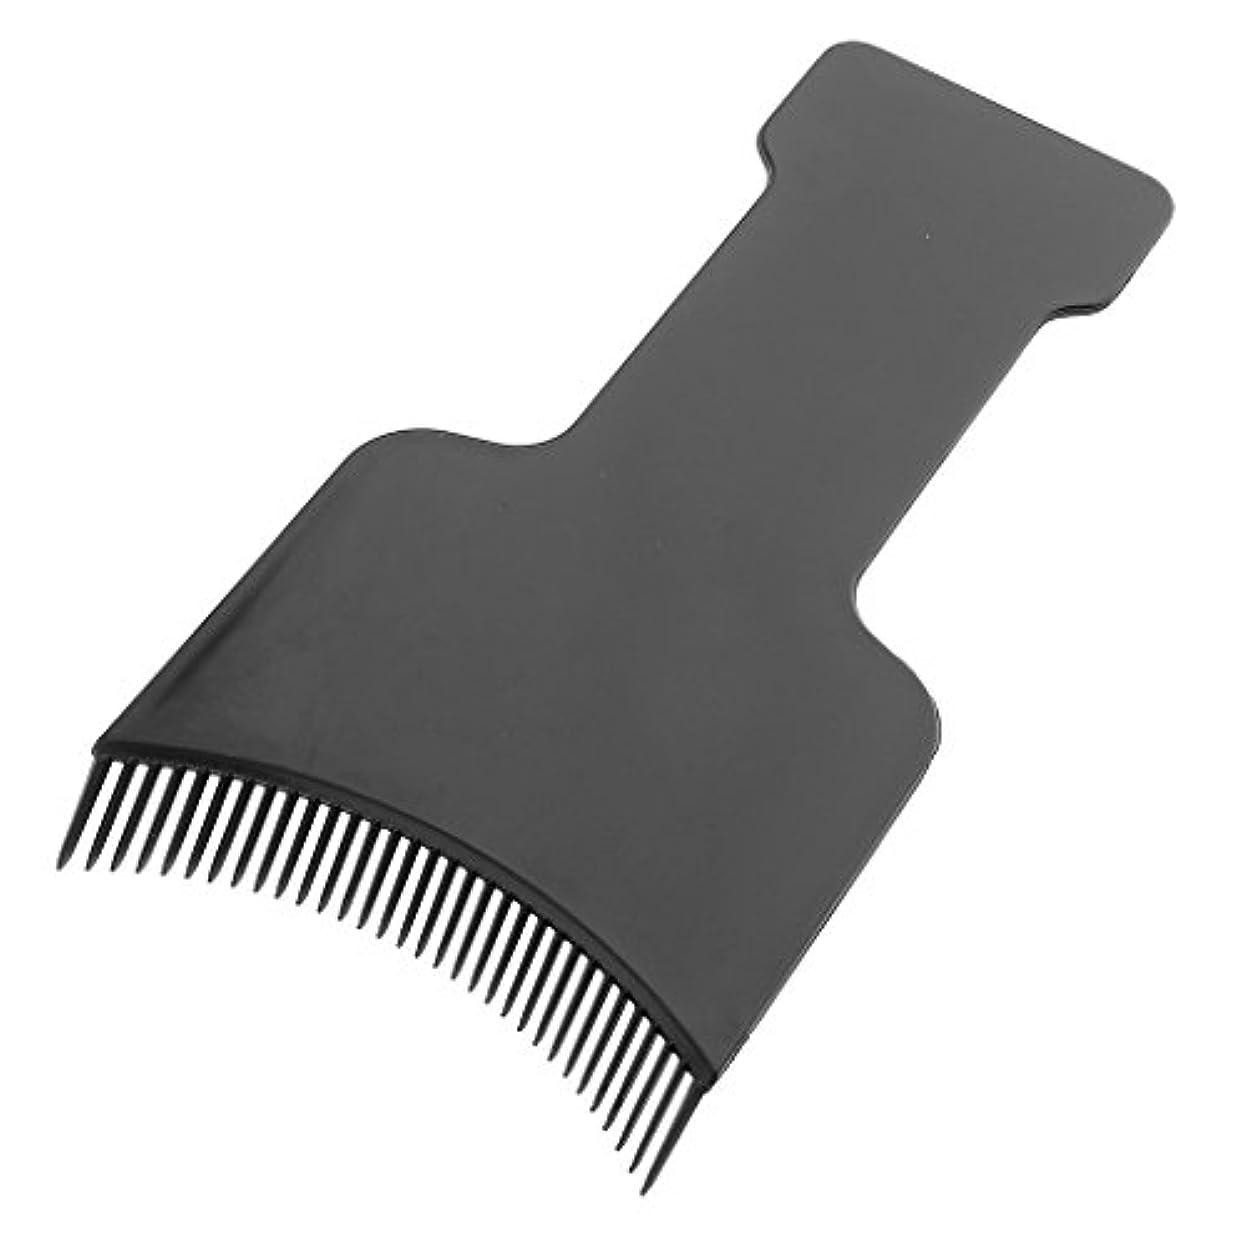 青ストライプアシスタント染色ティントプレート ヘアカラー ボード 美容 ヘア ツール 髪 保護 ブラック 実用 便利 全4サイズ - S